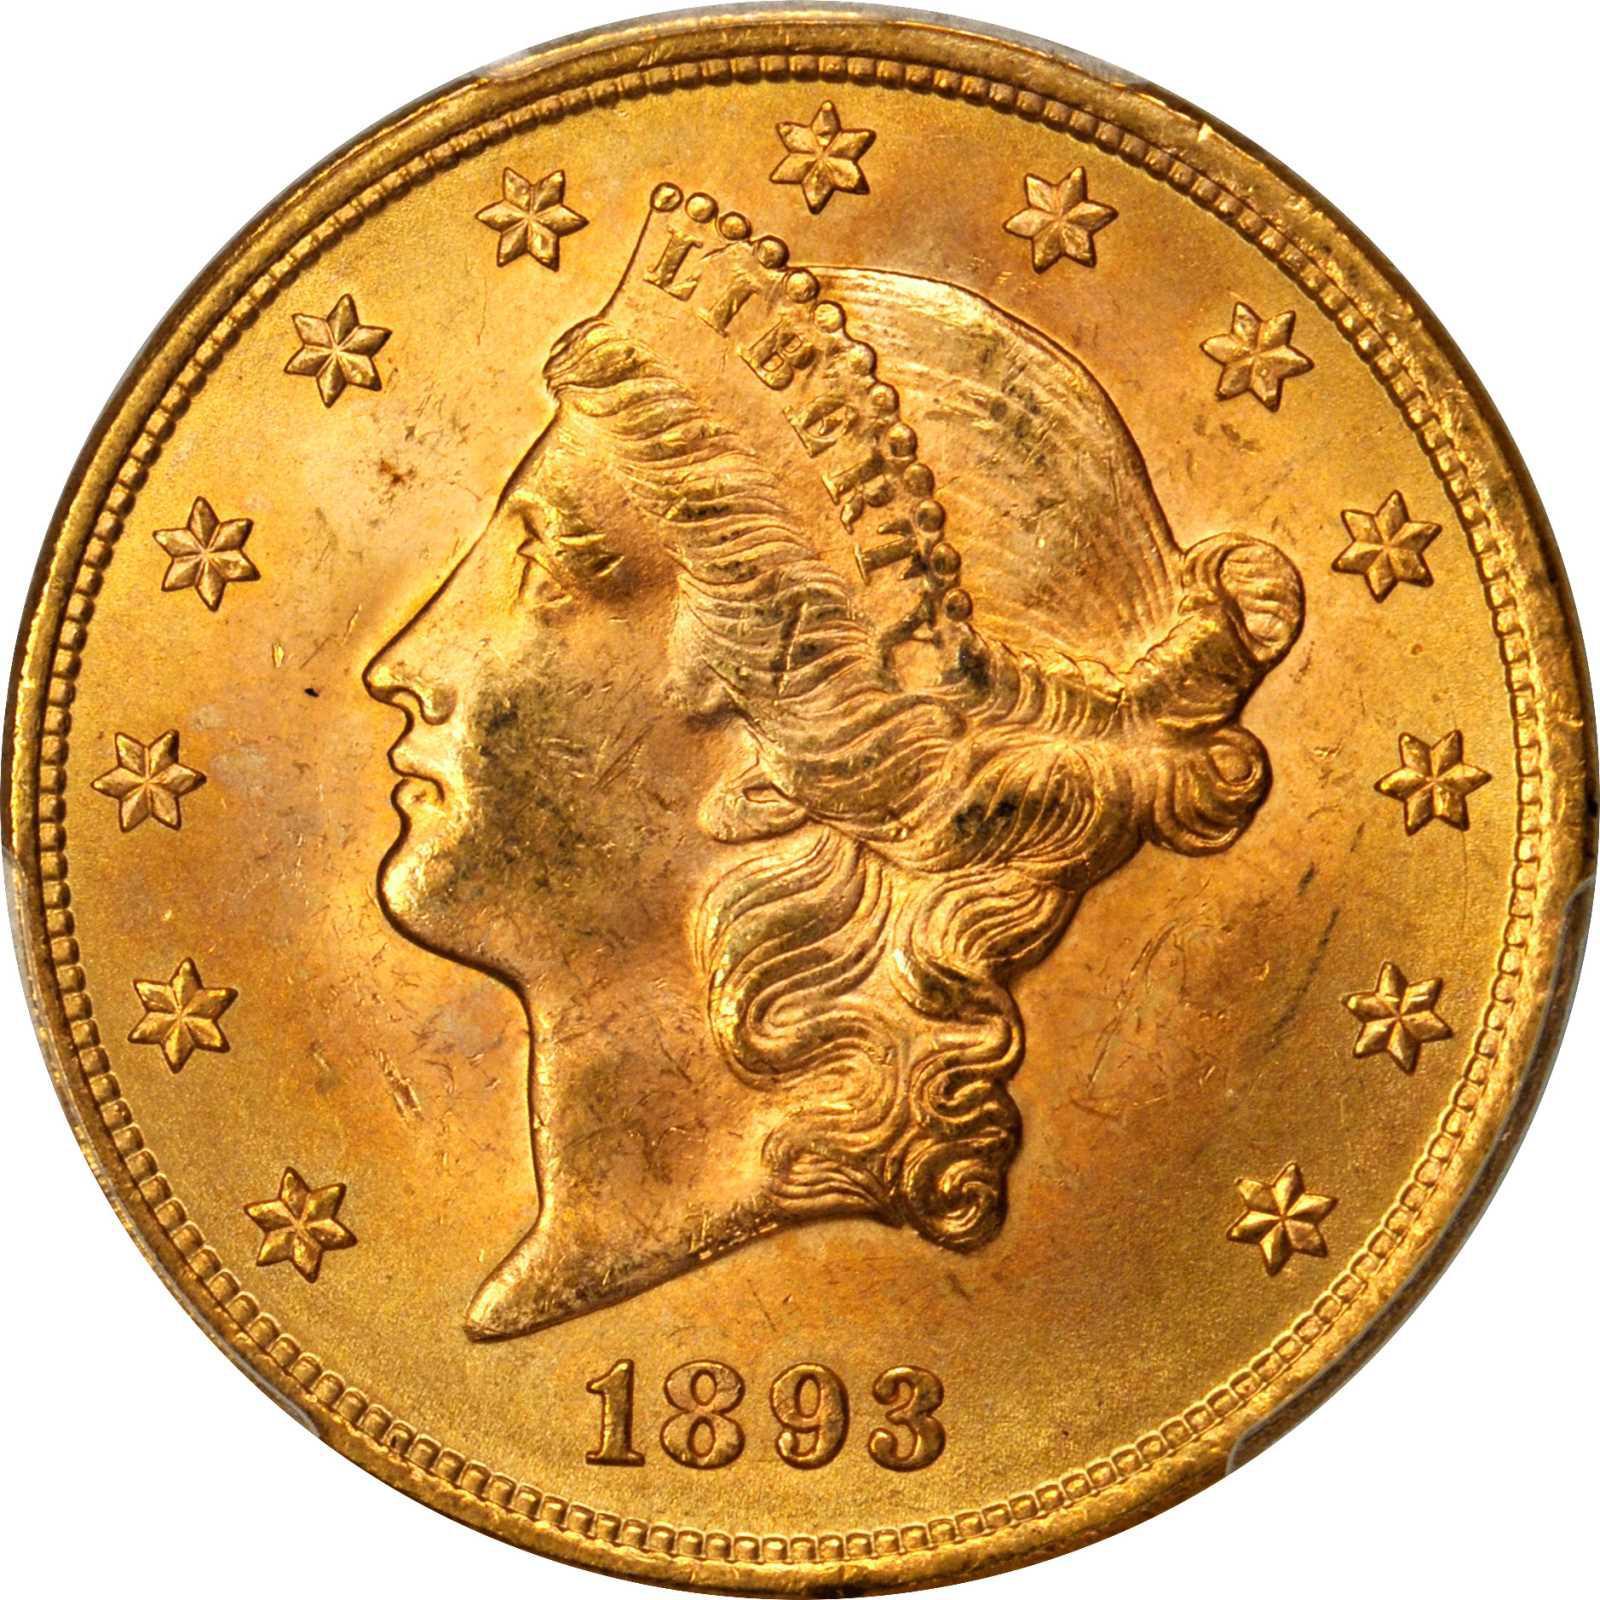 gold dollar coins worth money